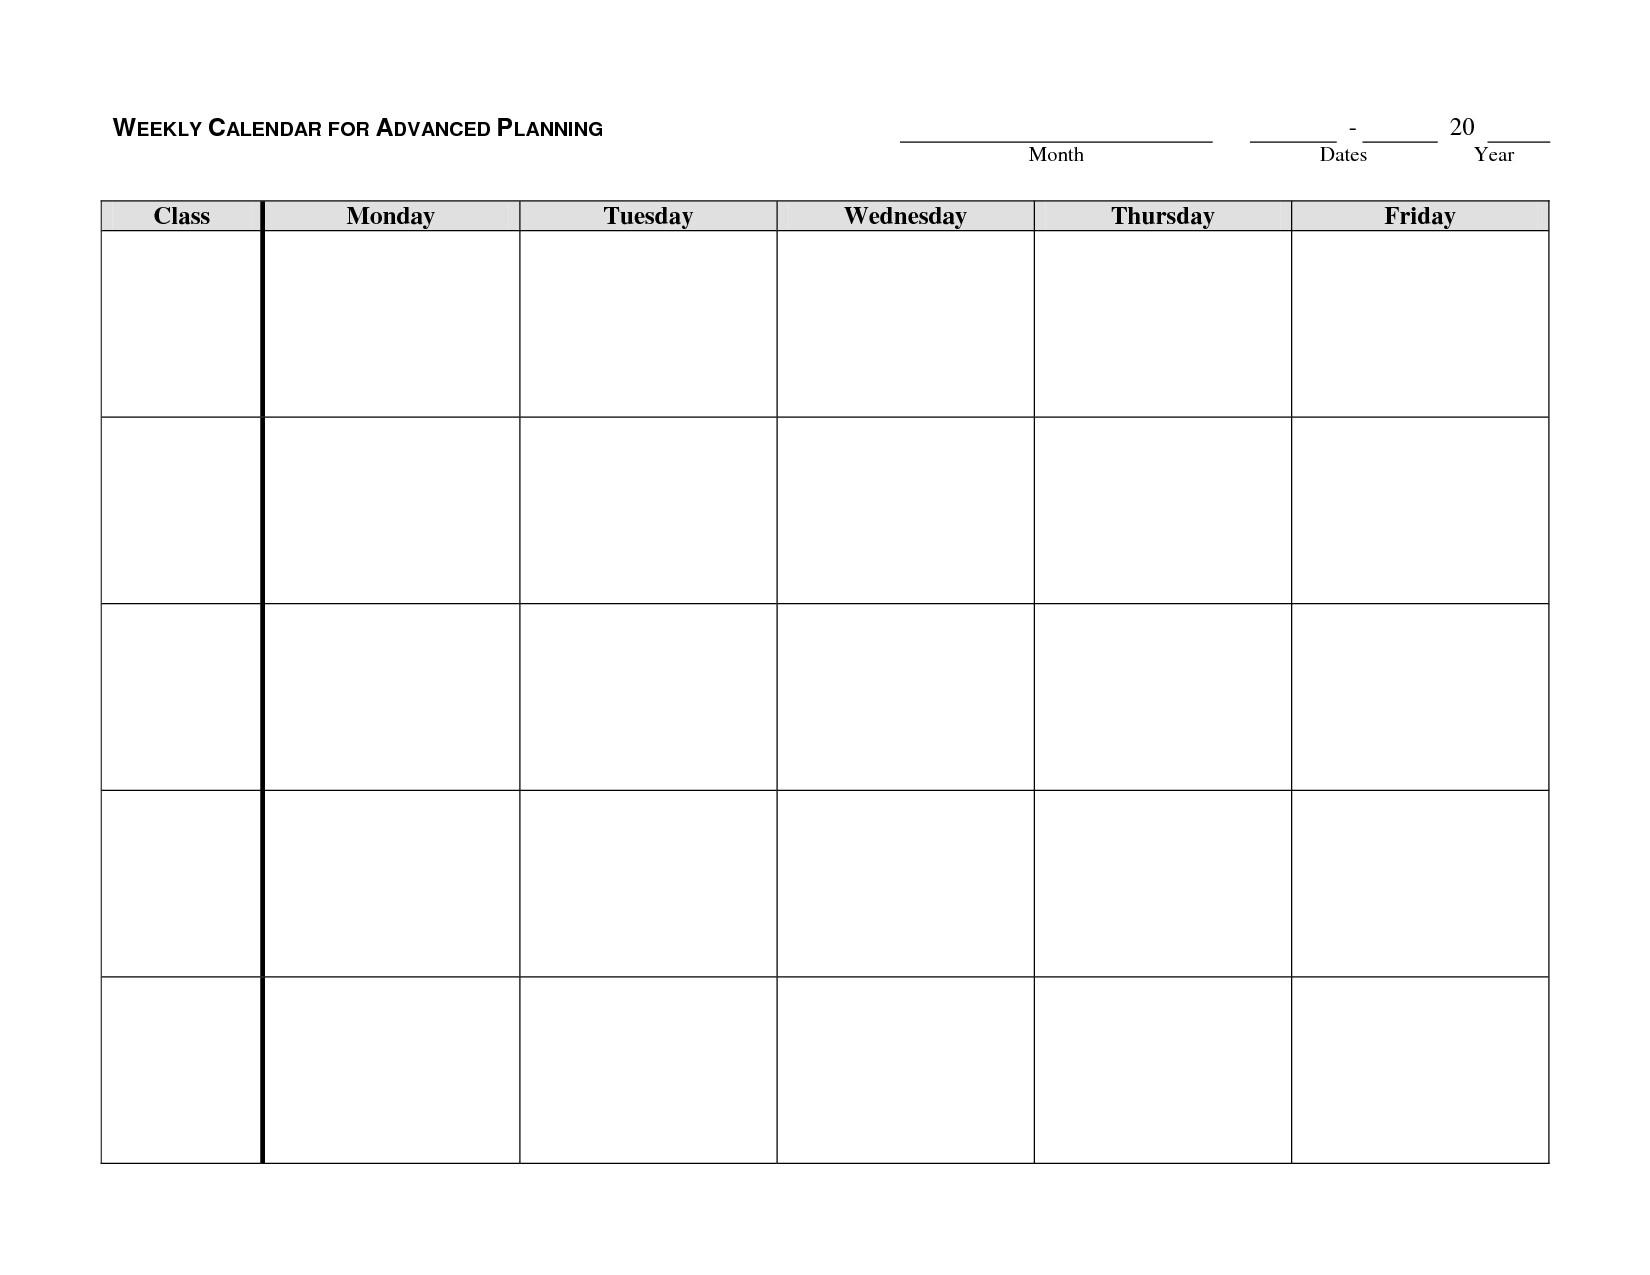 Blank Calendar Monday To Friday | Calendar Template Printable Calendar Template Monday To Friday